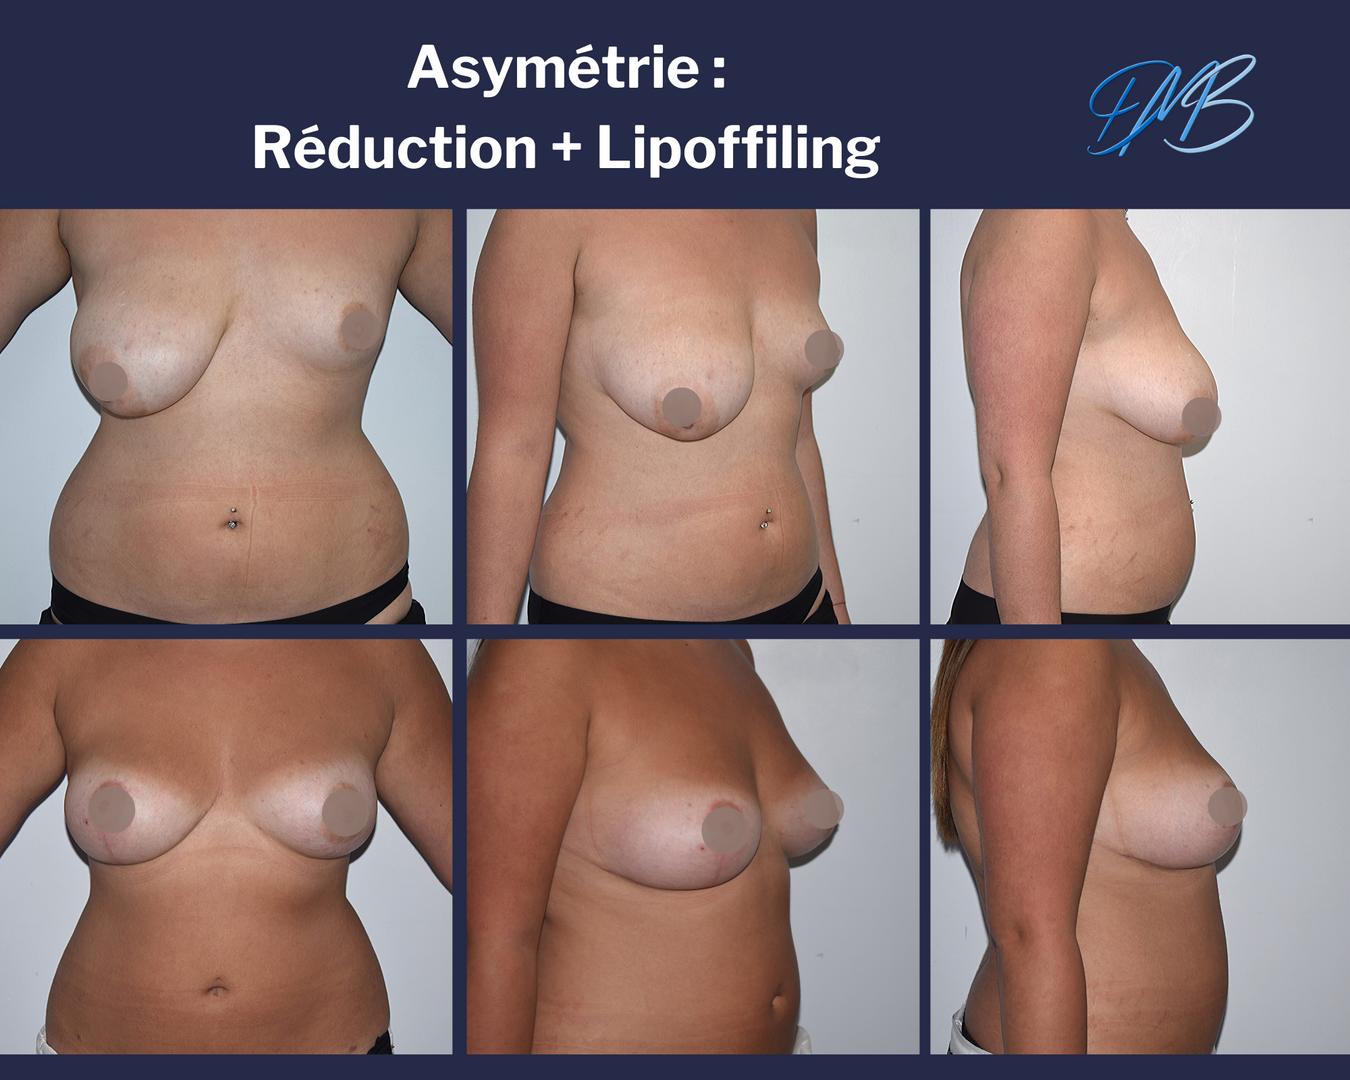 réduction mammaire lipofilling